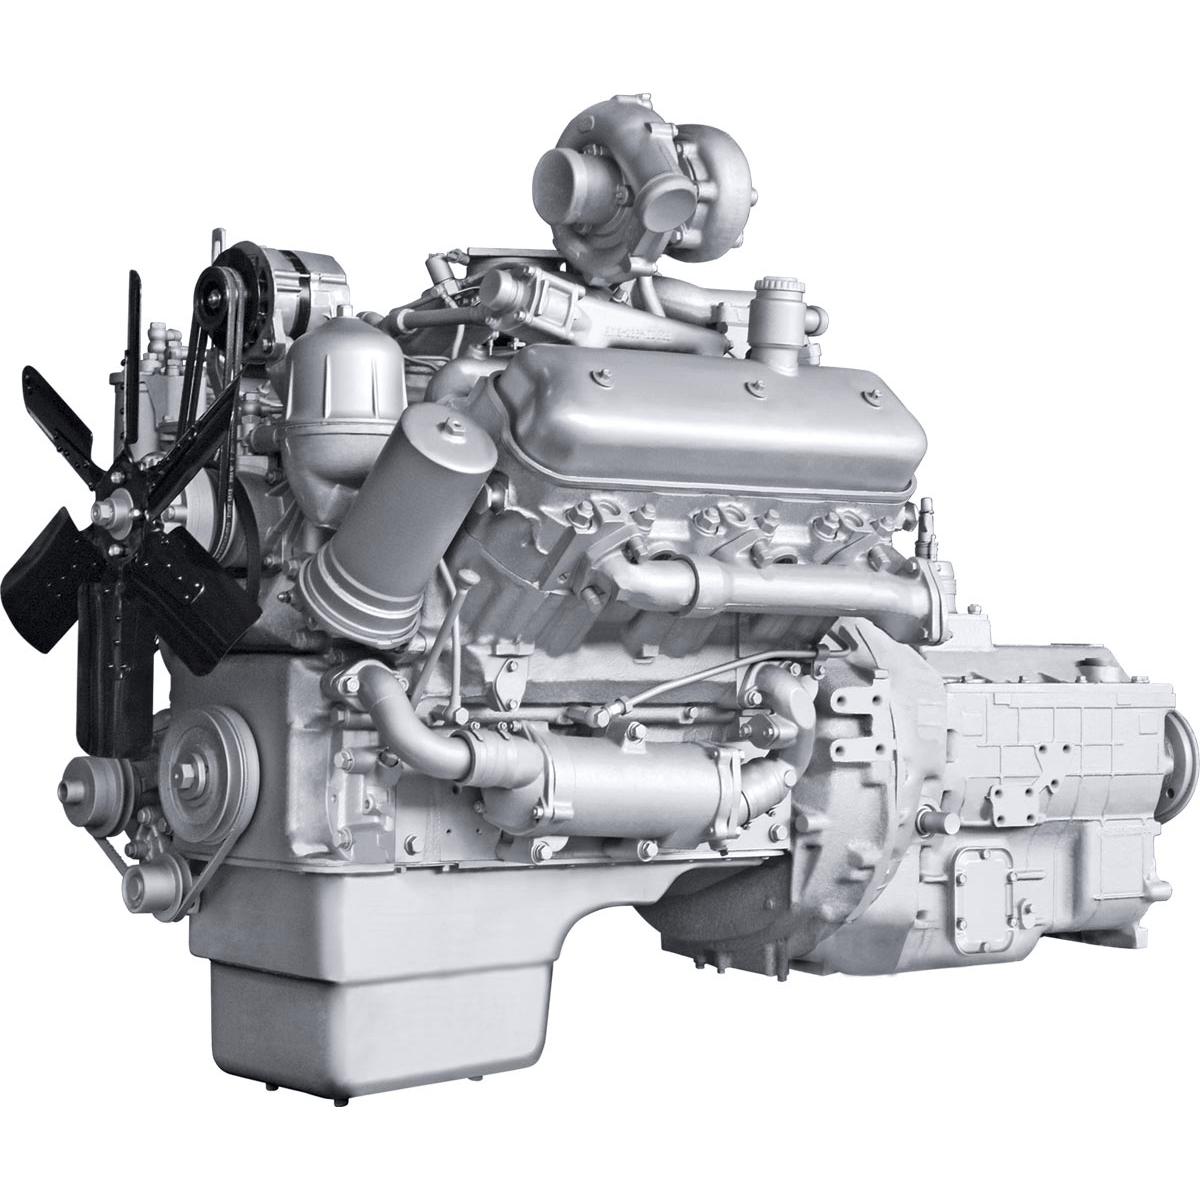 Двигатель ЯМЗ-236НЕ2 V6 с турбонаддувом-min